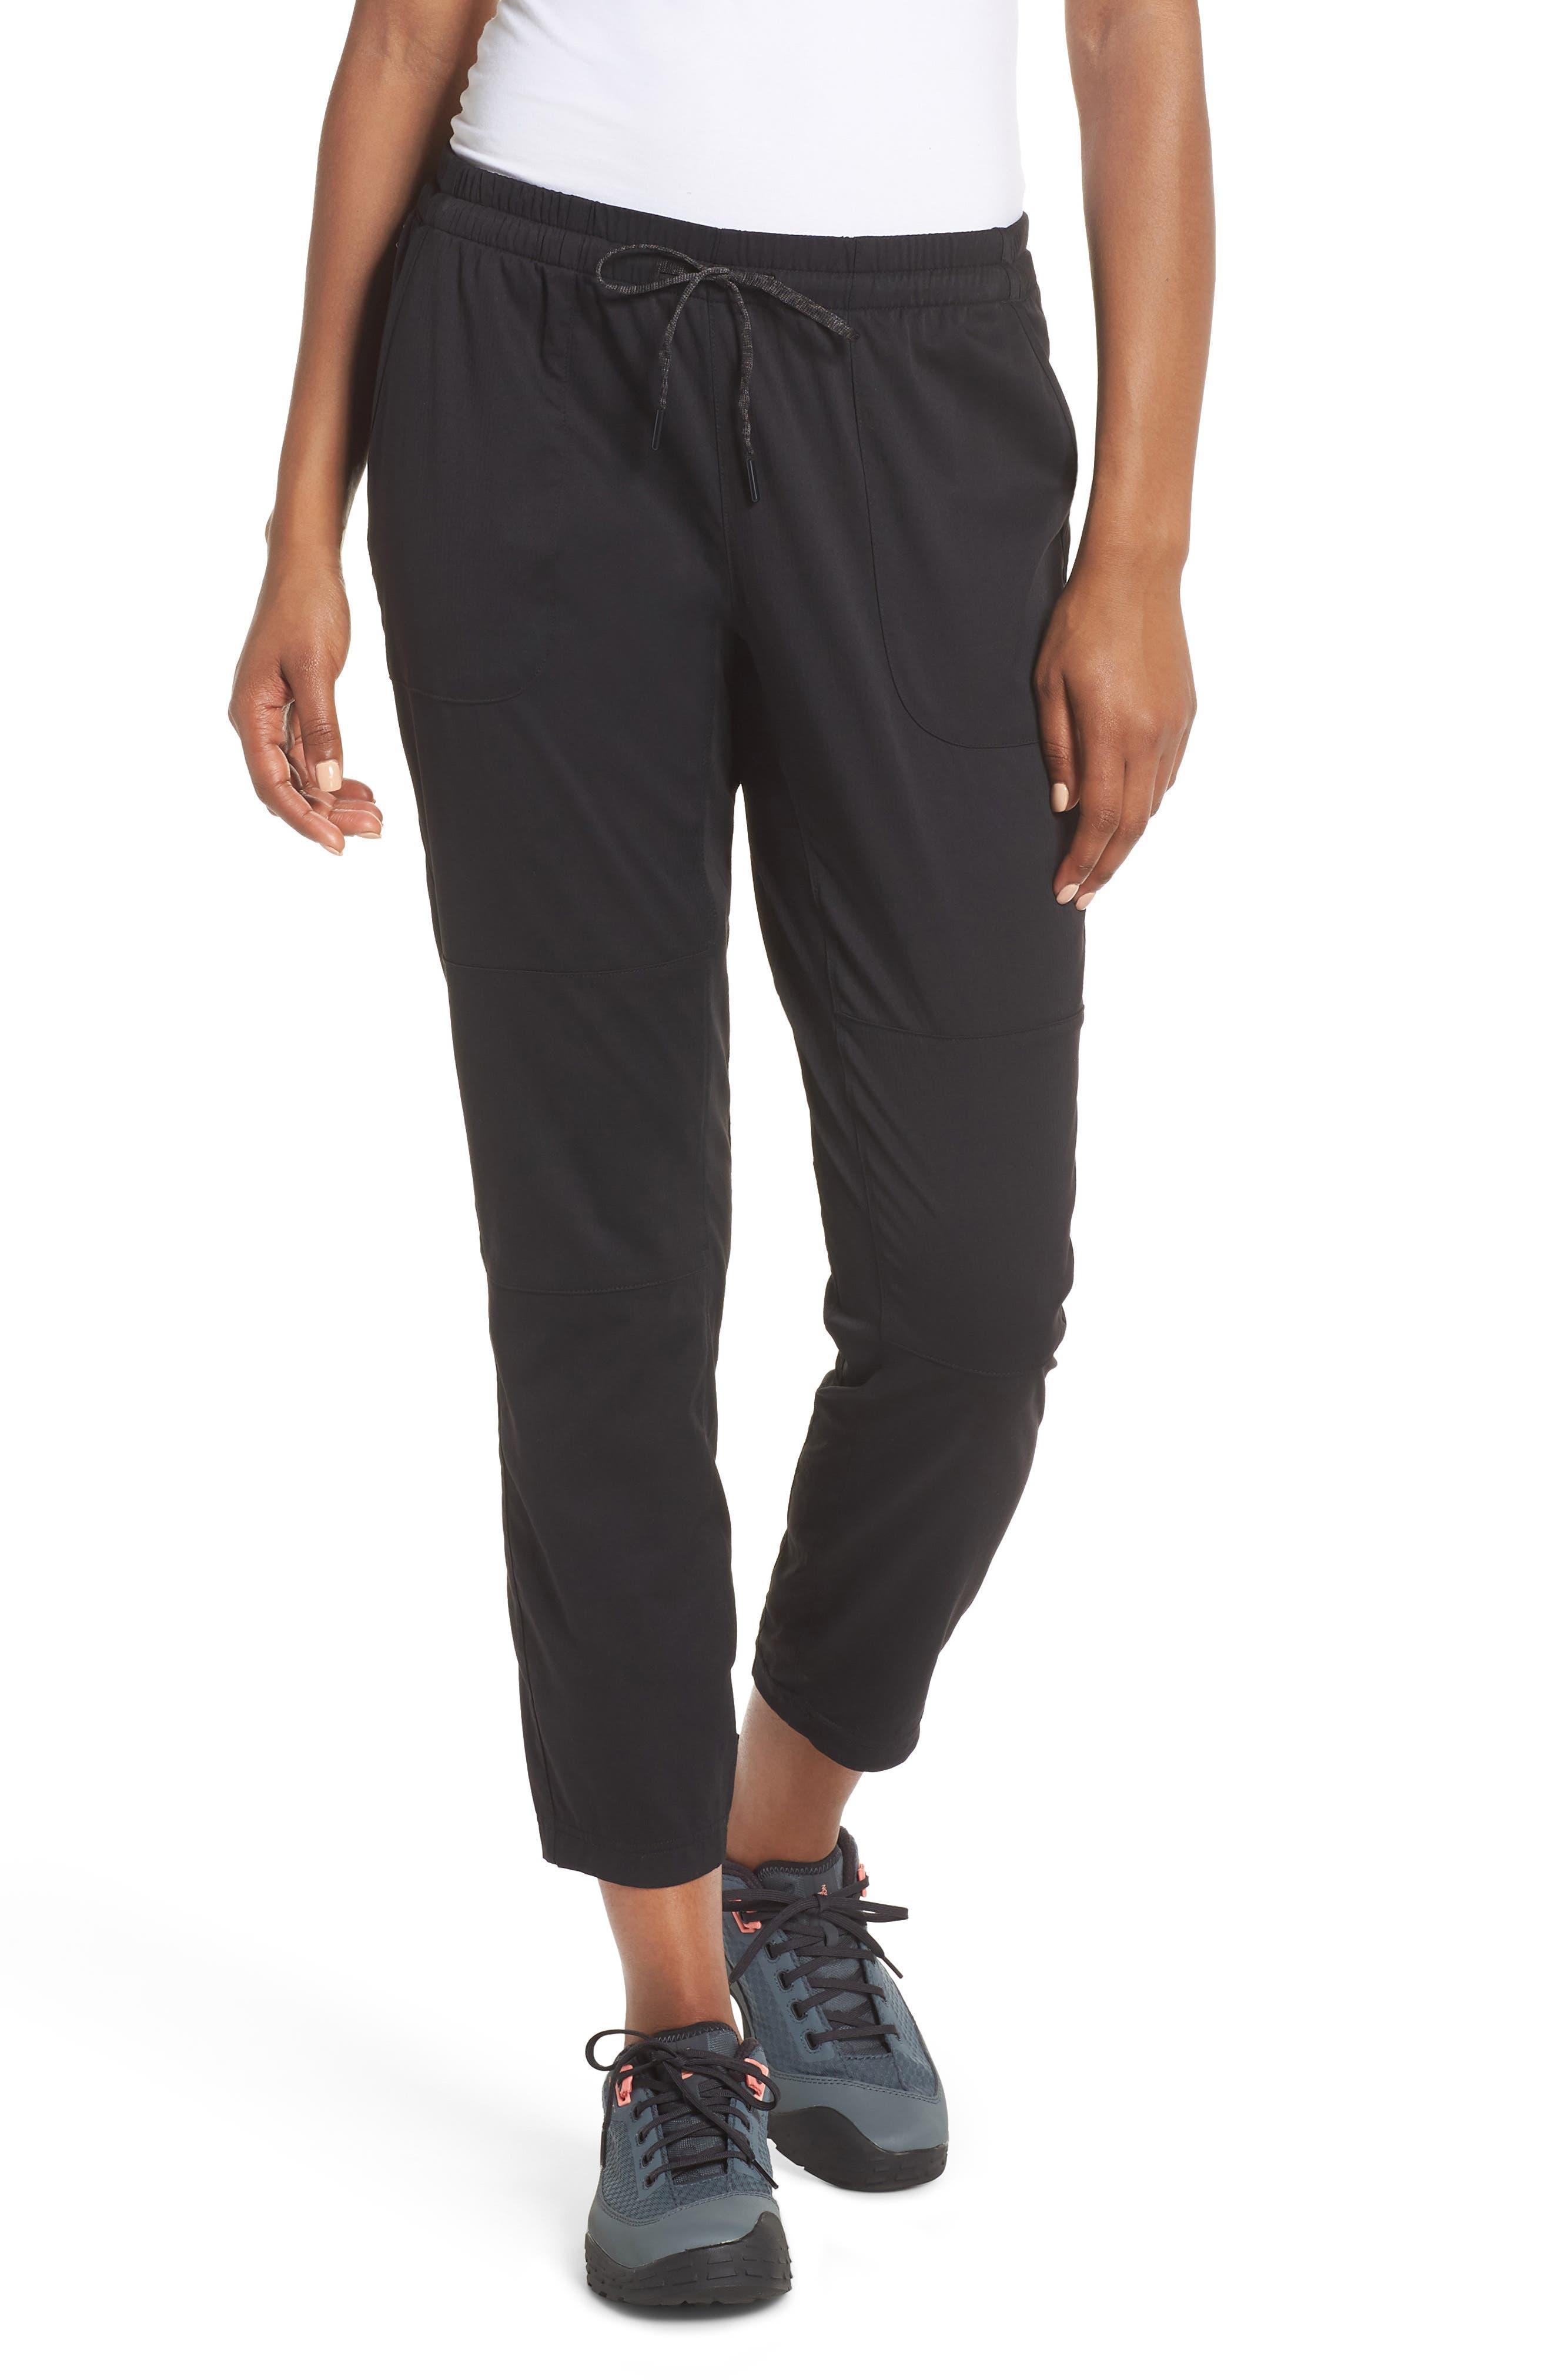 Aphrodite Motion Crop Pants,                         Main,                         color, TNF BLACK